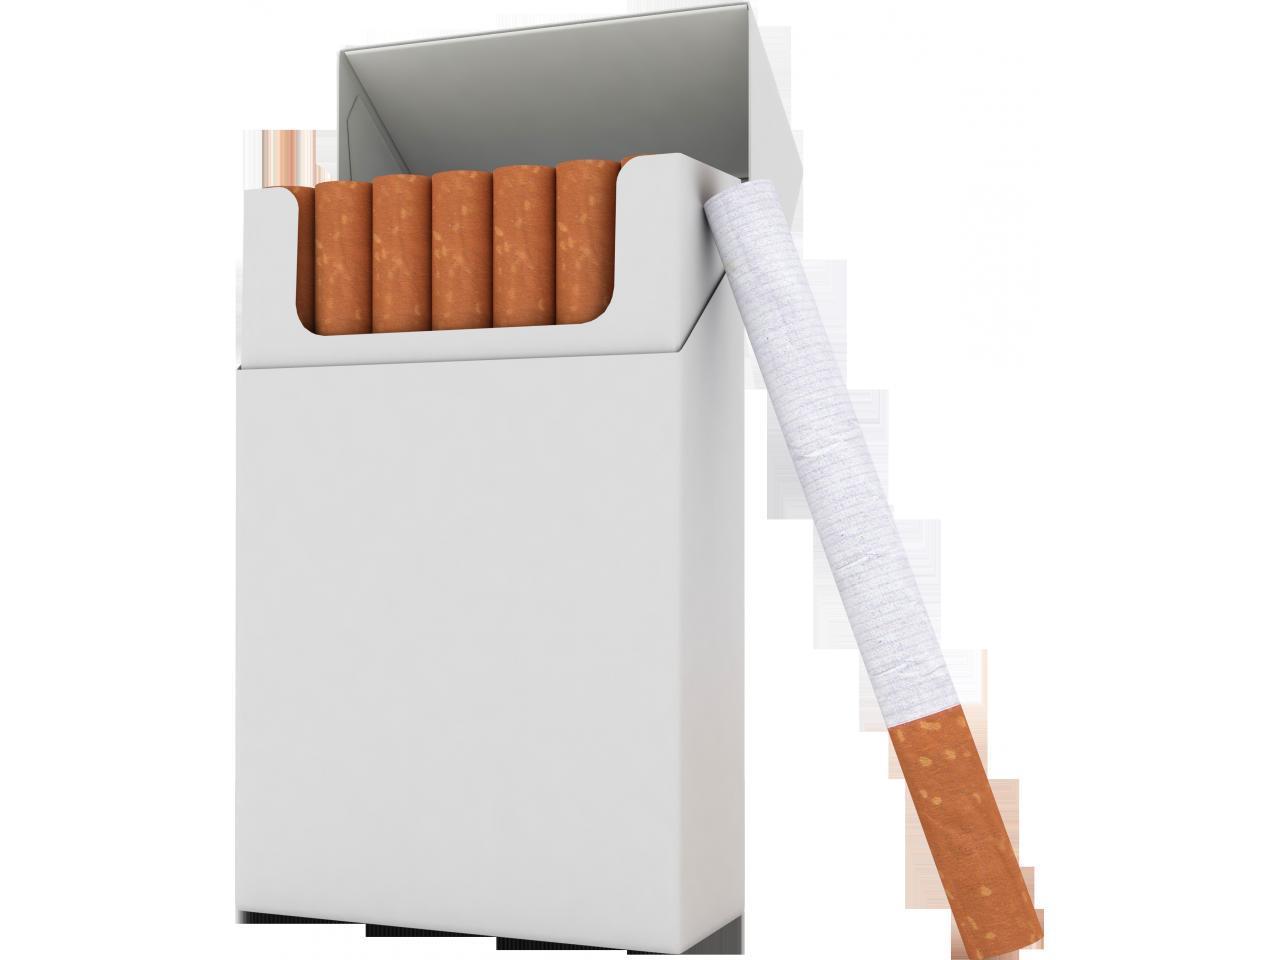 Куплю сигареты оптом, Шотландия. - 1